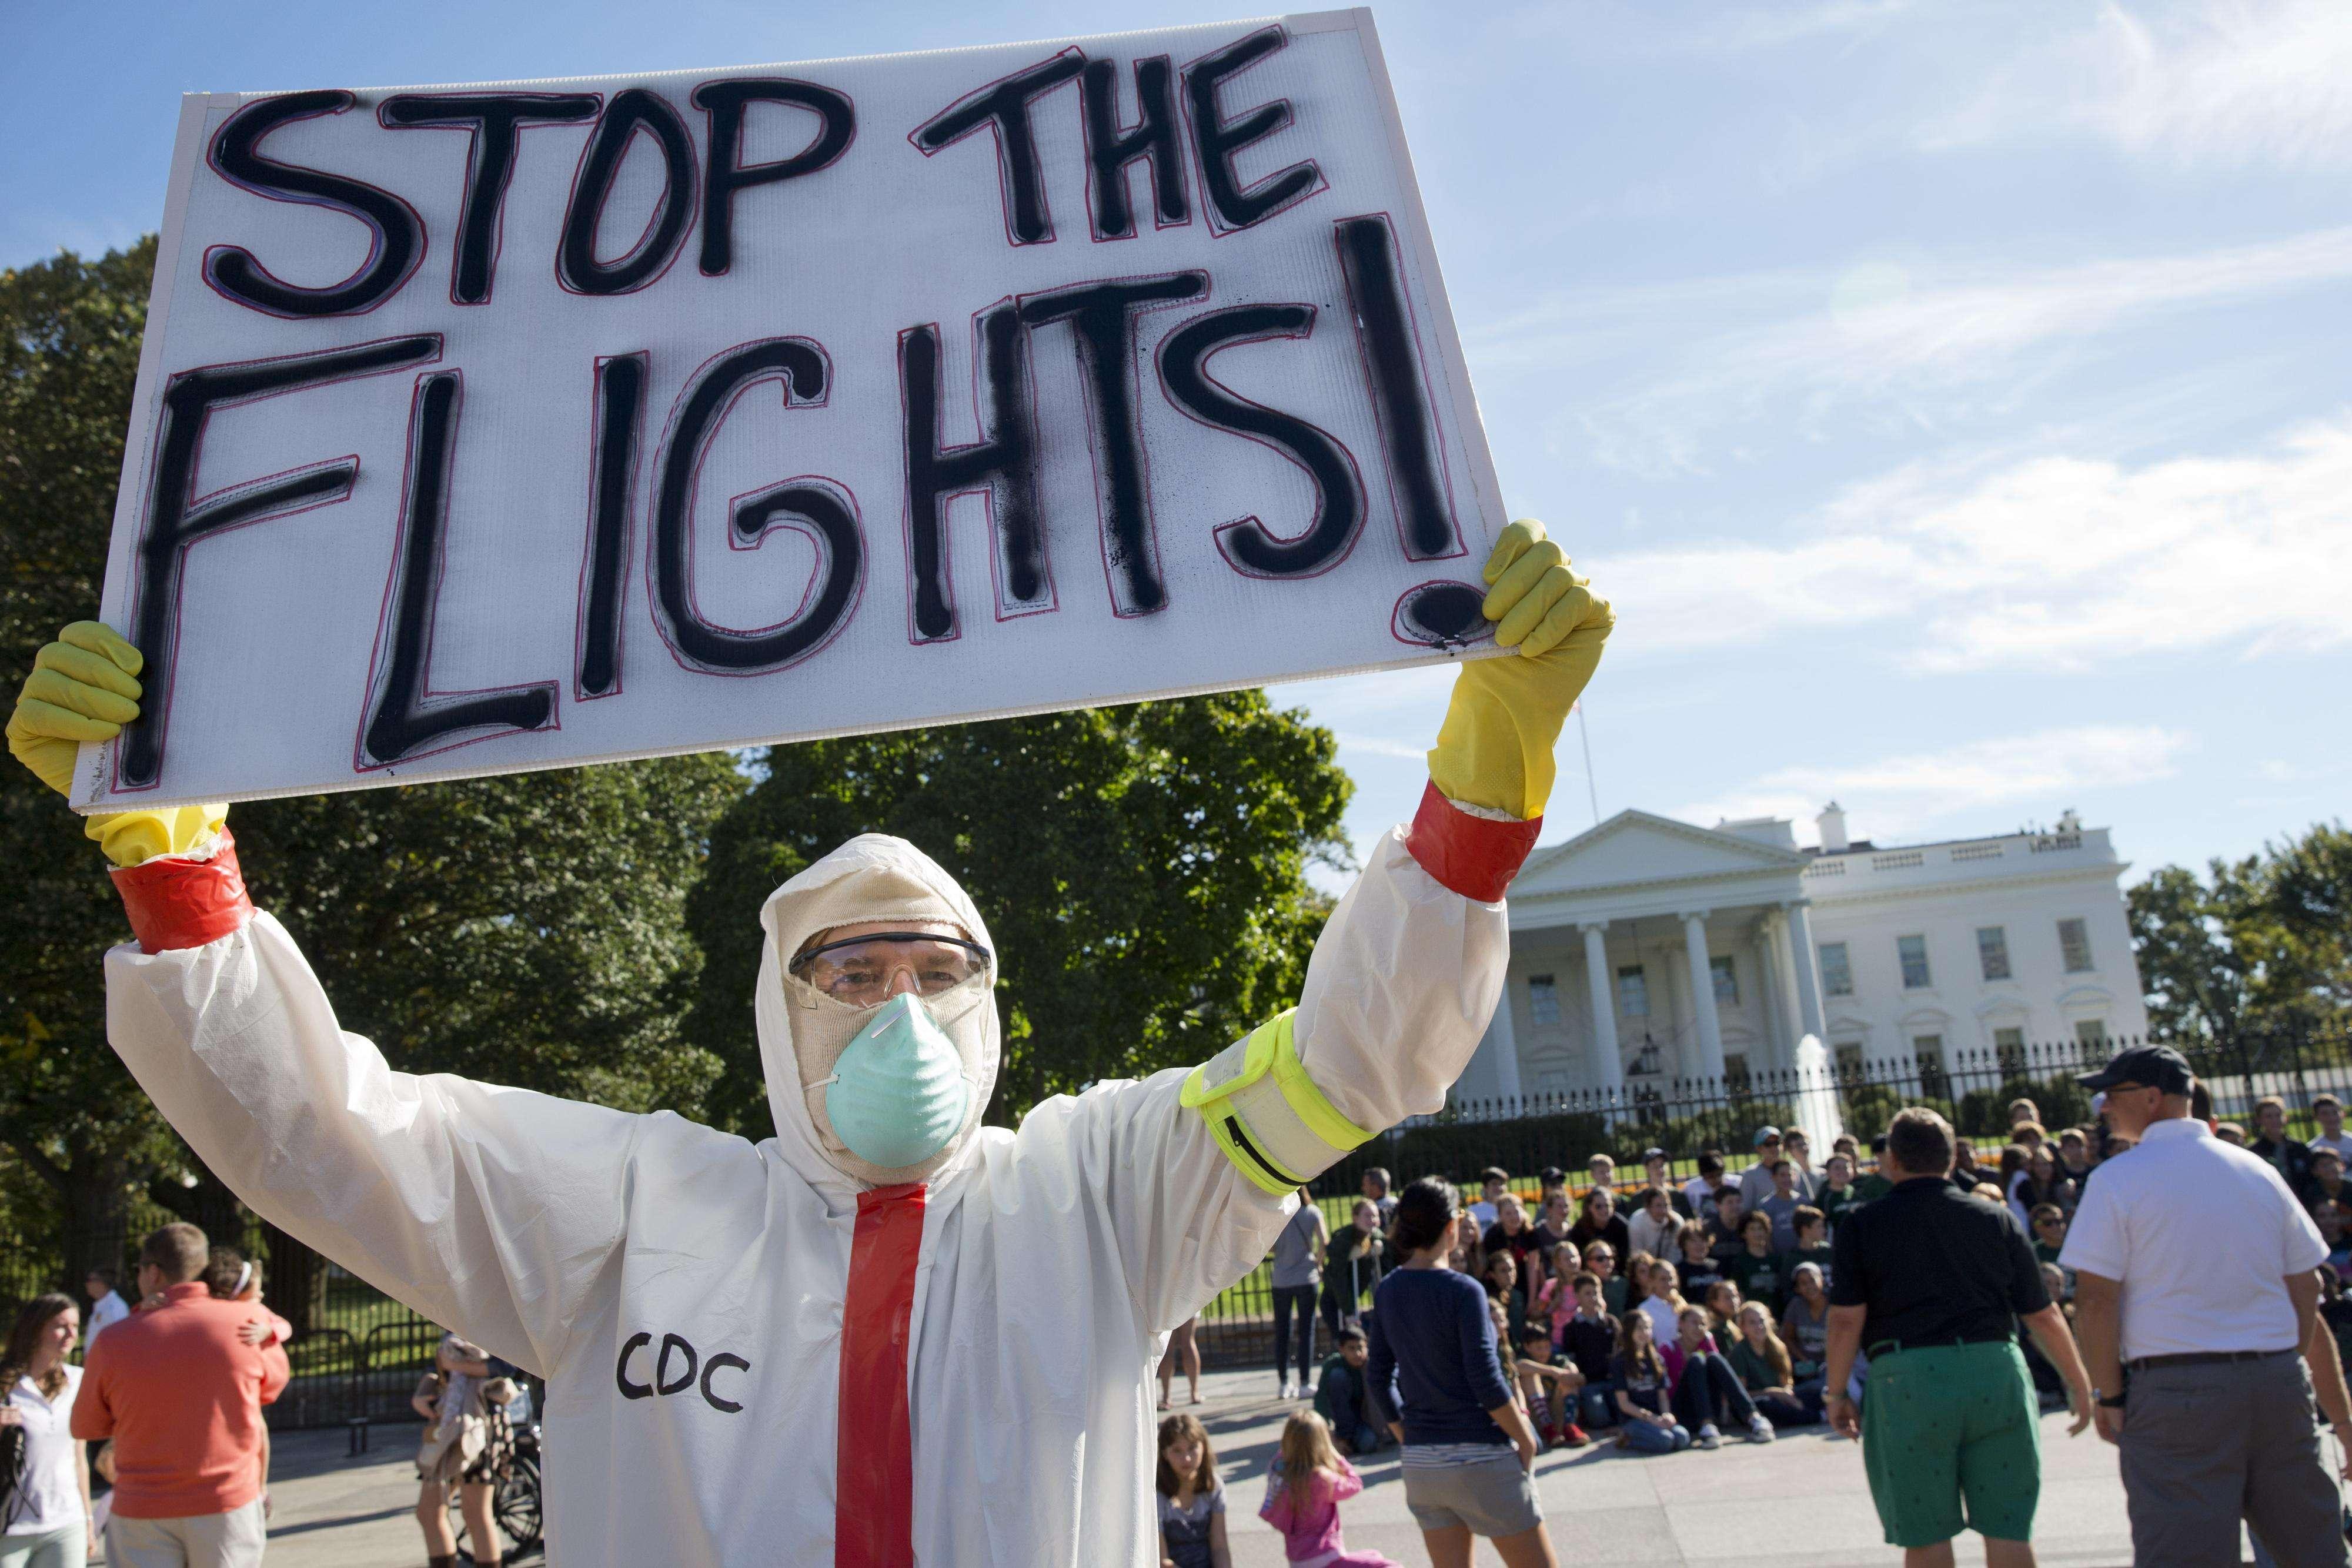 Jeff Hulbert, de Annapolis, Maryland, protesta la forma en que Estados Unidos ha manejado los casos de ébola, frente a la Casa Blanca, el viernes 17 de octubre de 2014, en Washington. Foto: AP en español